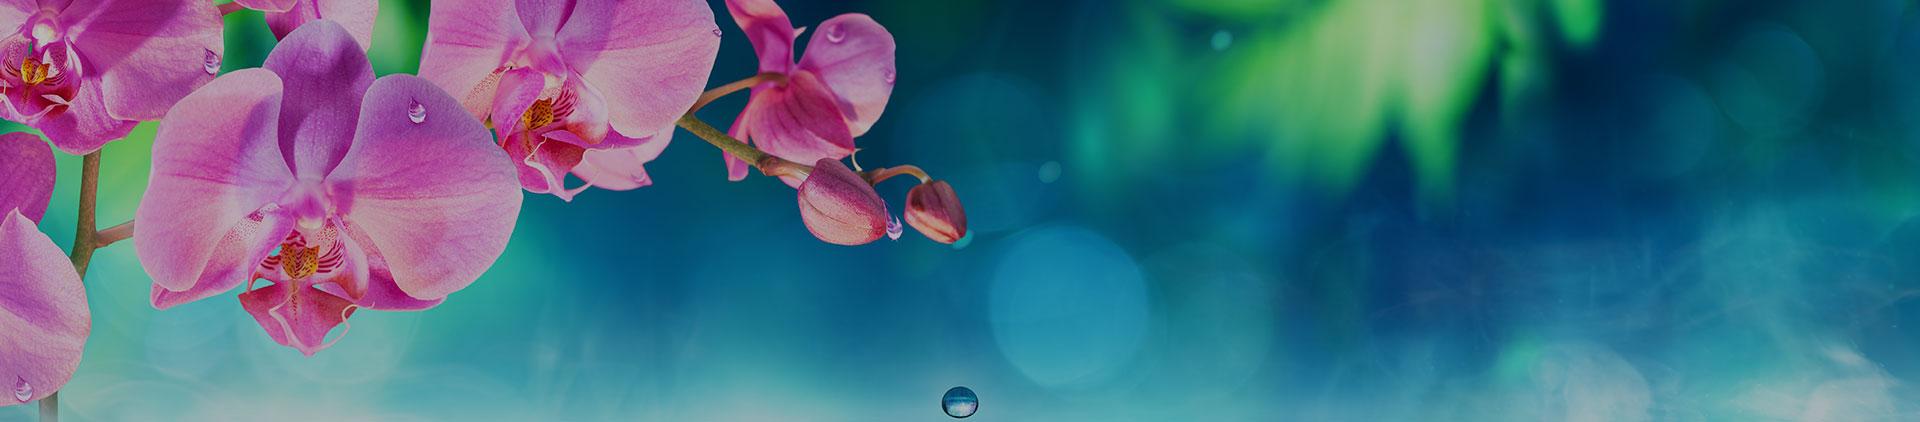 Grief & Healing | SUNSET MEMORIAL OAKS FUNERAL HOME